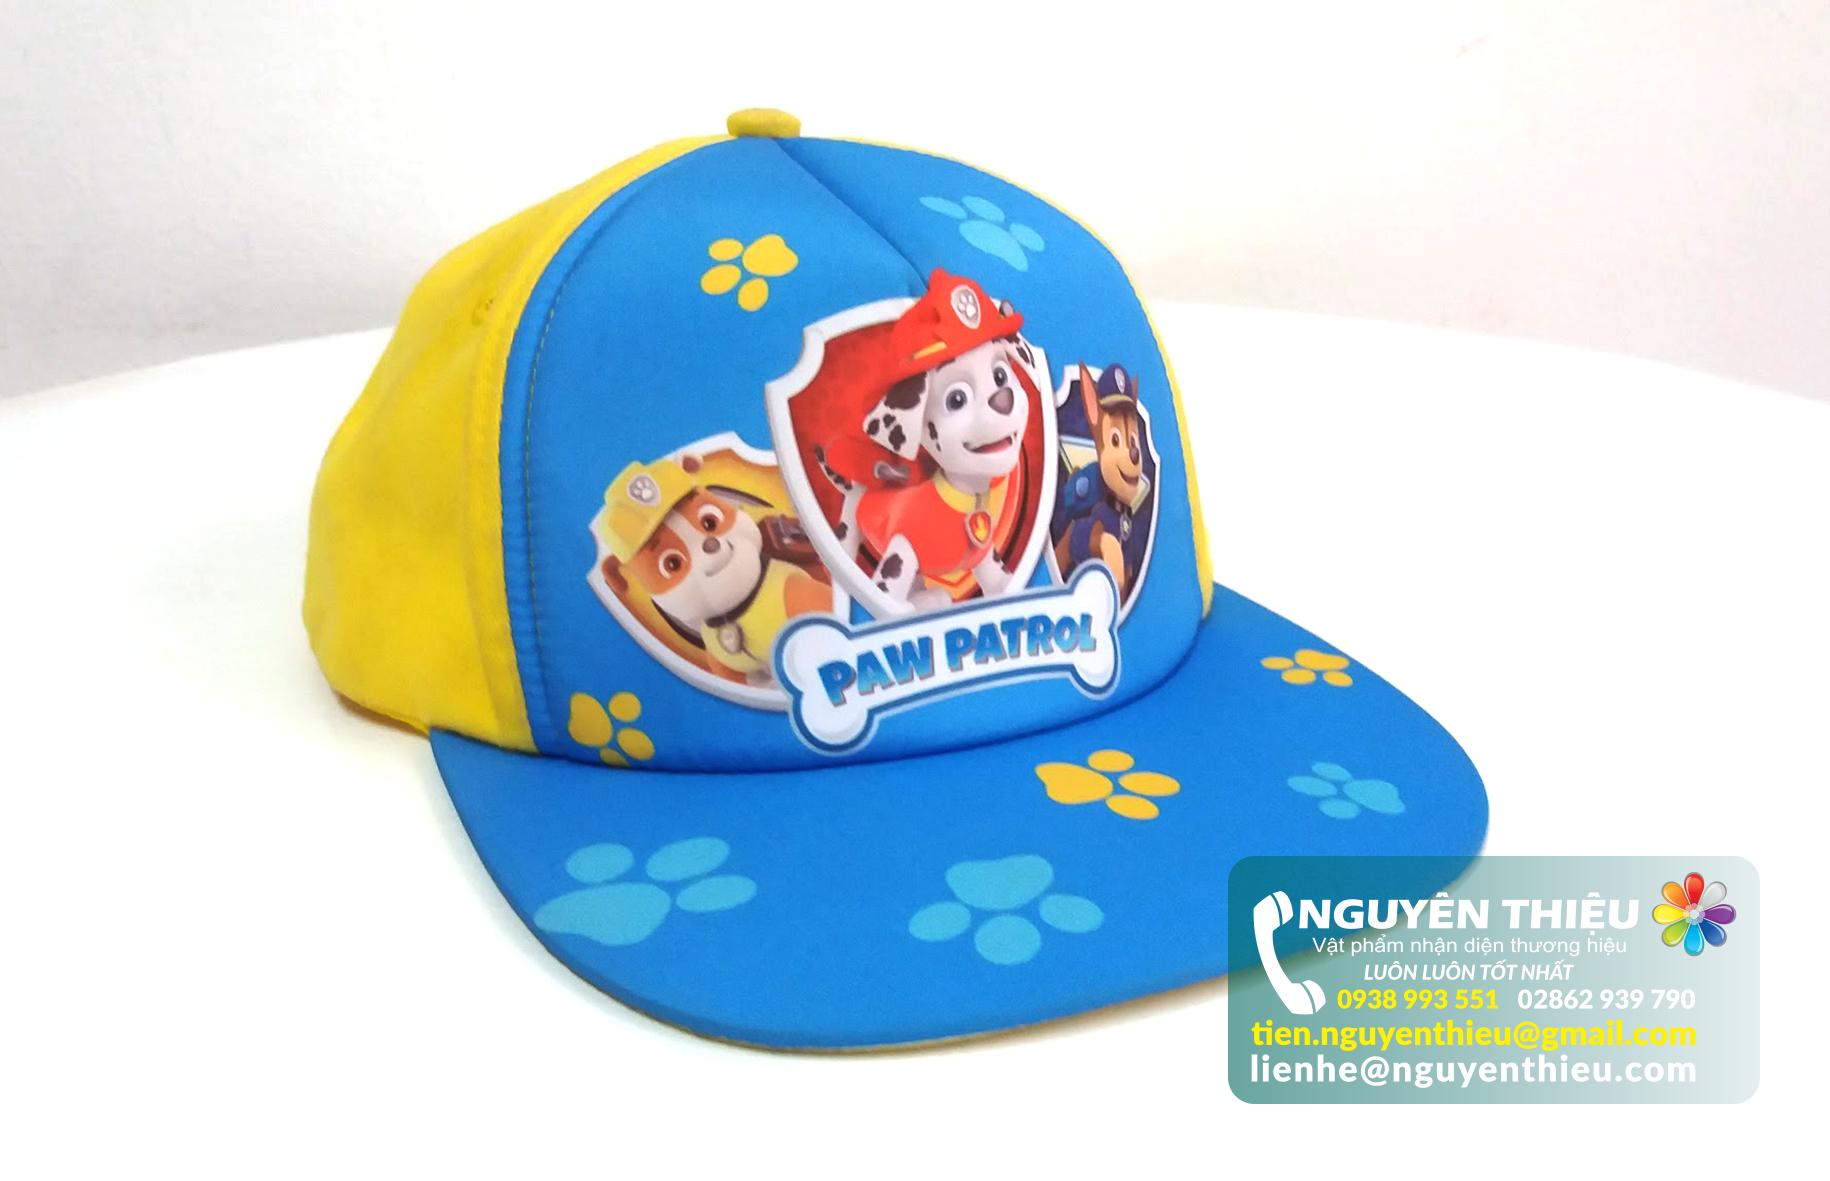 May mũ lưỡi trai trẻ em đẹp giá rẻ, may mũ trẻ em thời trang, may mũ đồng phục trẻ em